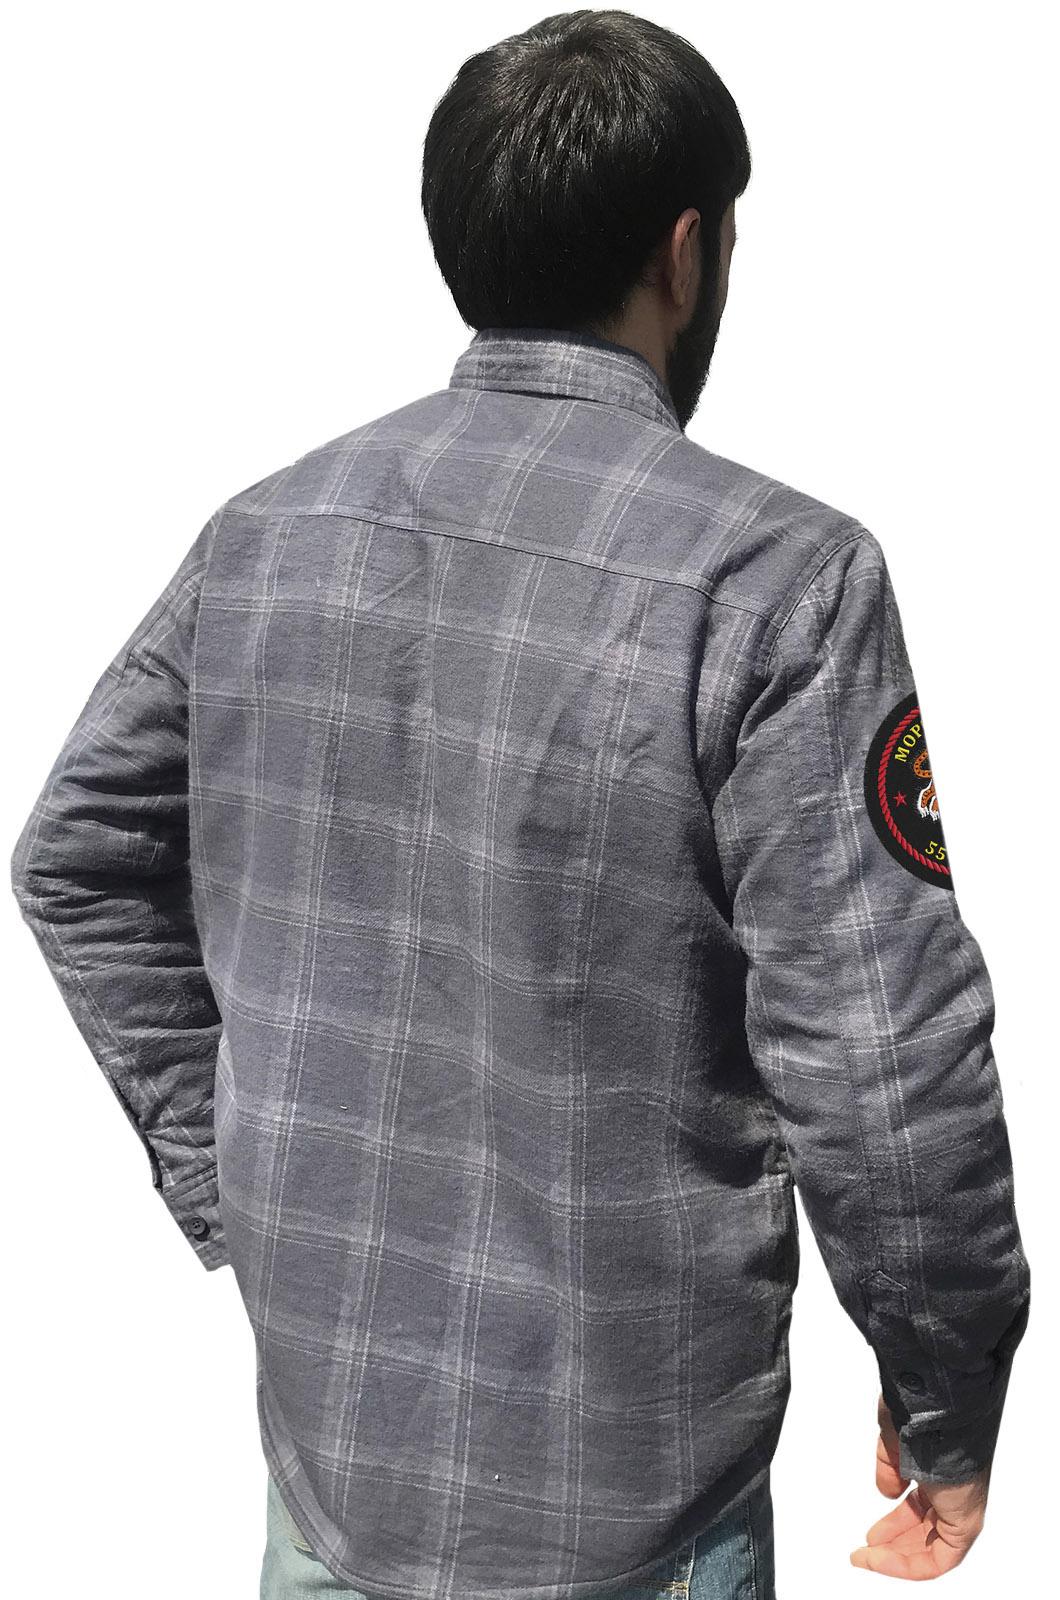 Зачетная рубашка Морская пехота 55 ДМП КТОФ заказать по экономичной цене